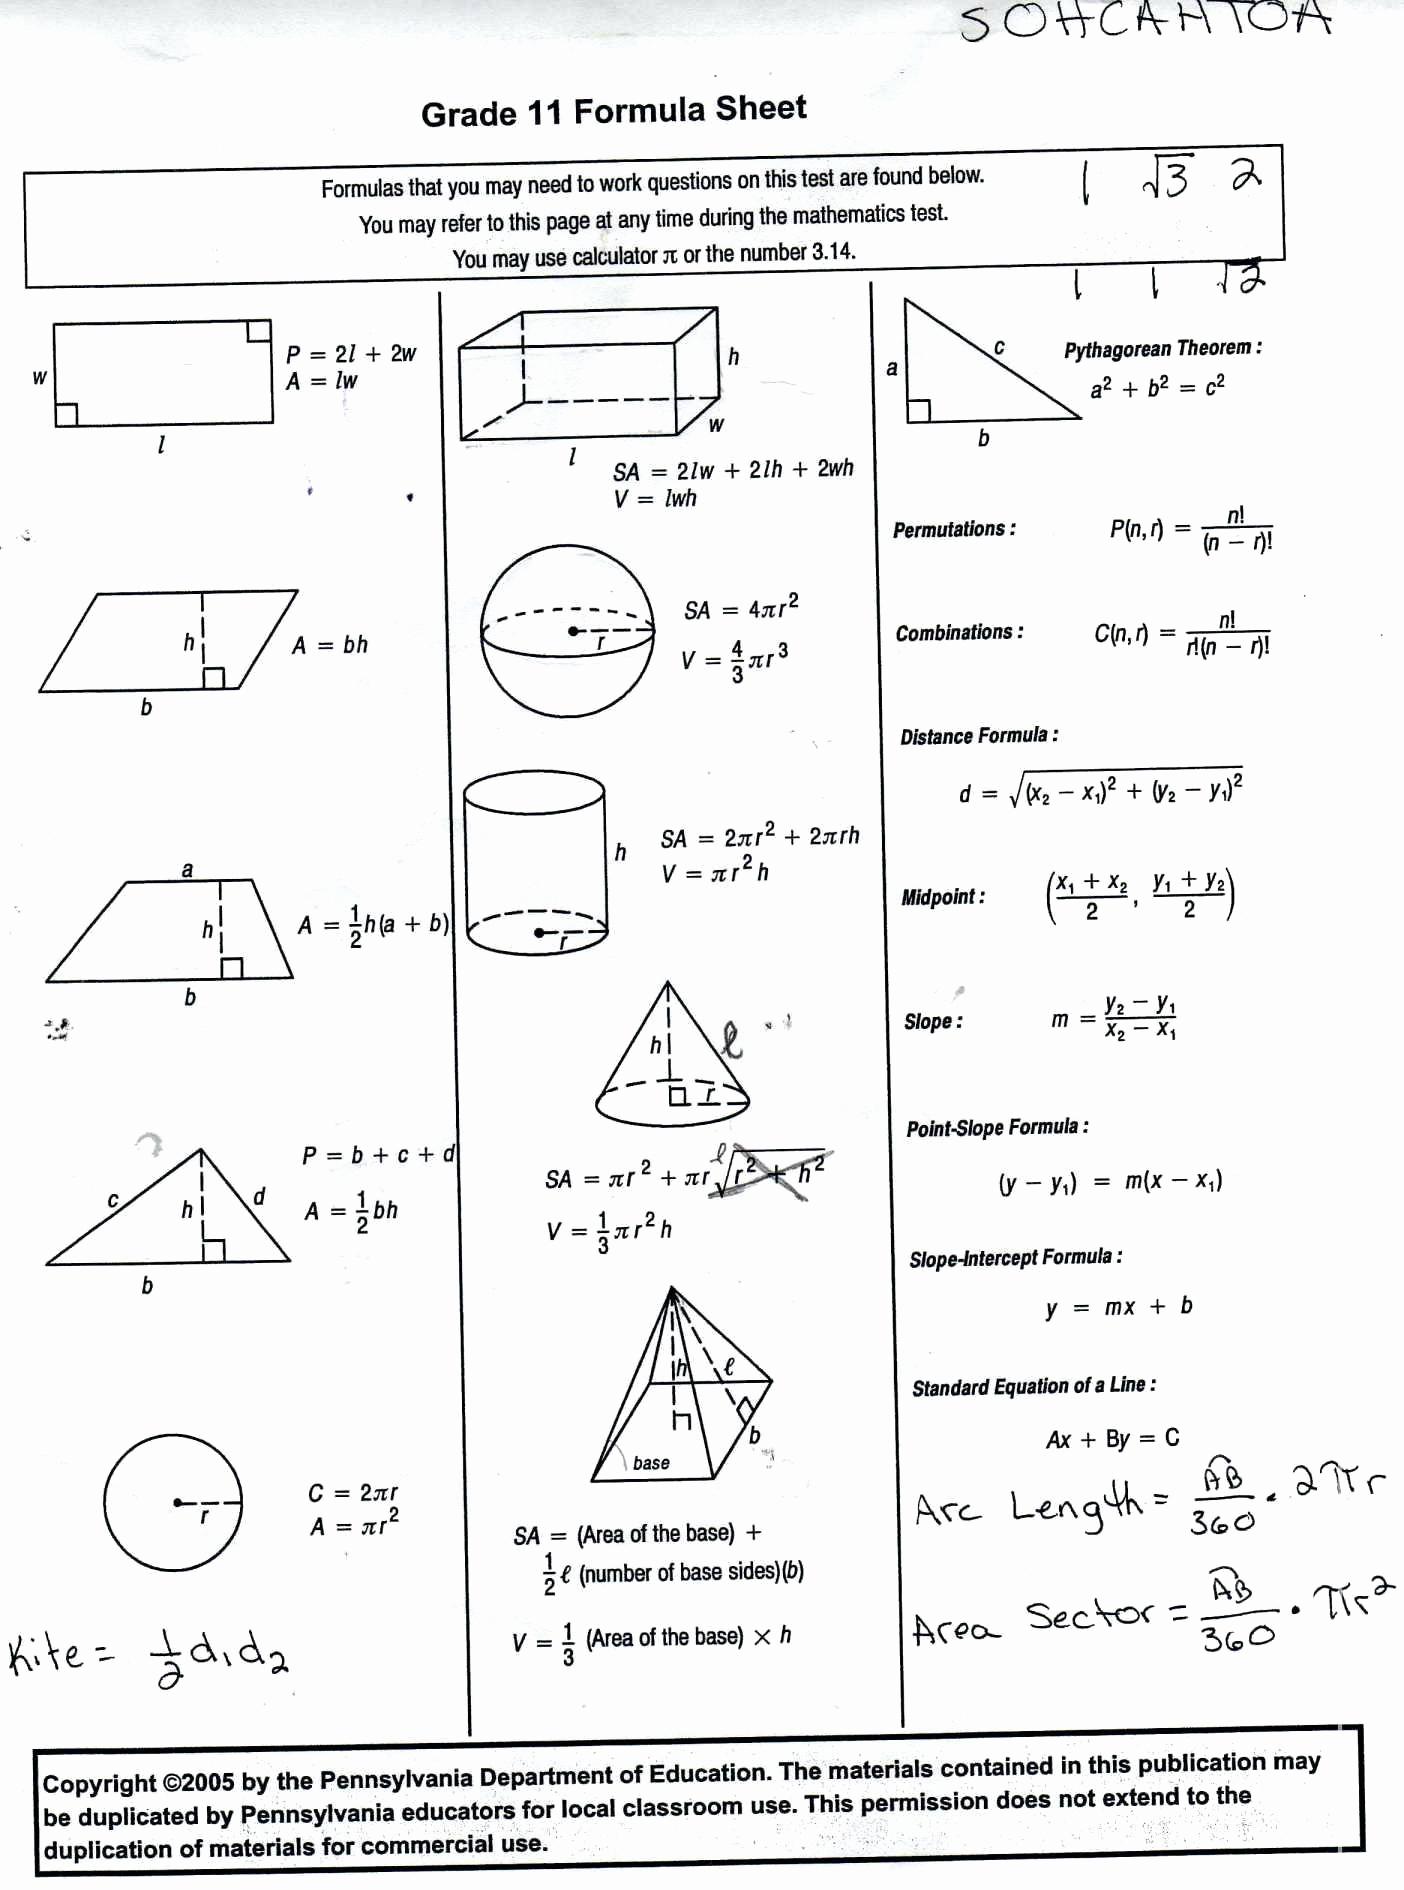 Sequencing Worksheets 4th Grade Elegant 20 Sequencing Worksheets 4th Grade